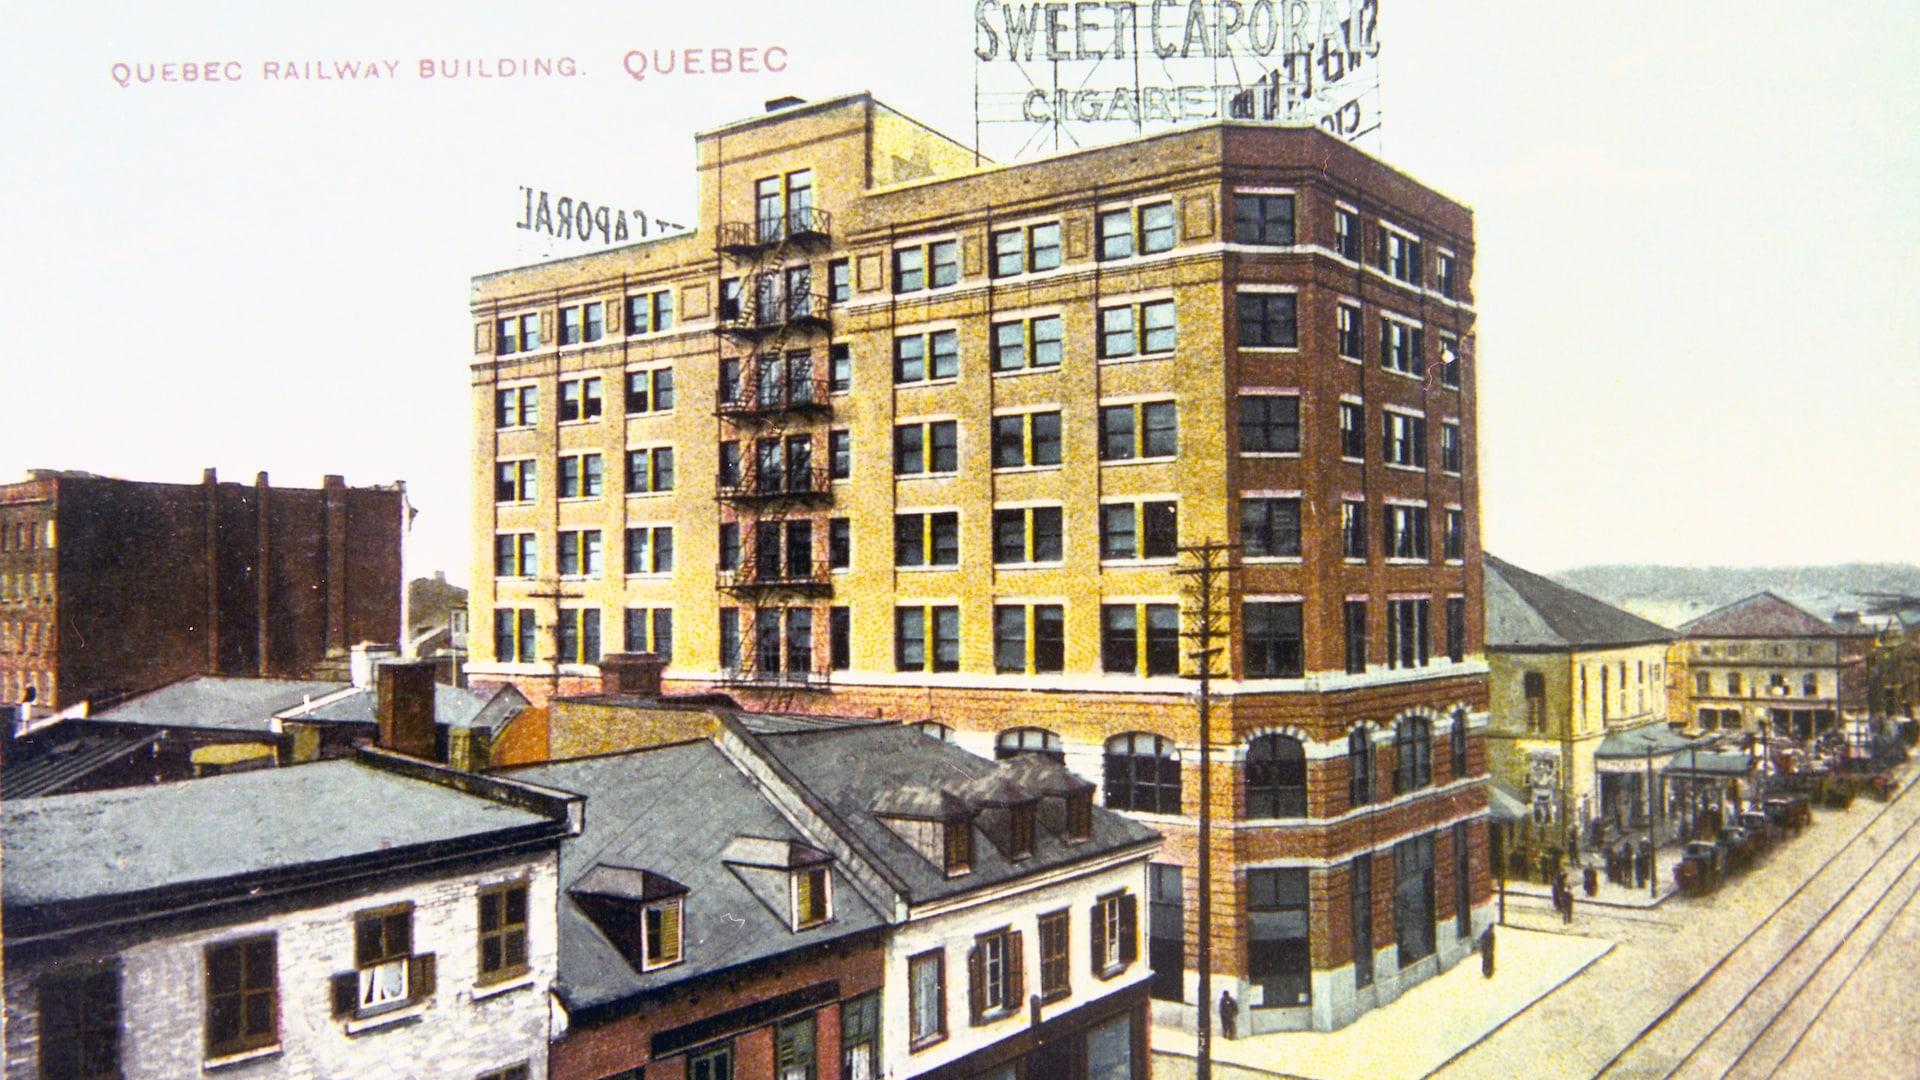 L'édifice de la Quebec Railway se trouve en plein centre-ville de Québec et domine la basse-ville depuis 1912. On voit les rails de tramway et des voitures, et l'édifice est dominé par une annonce de cigarettes Sweet Caporal.